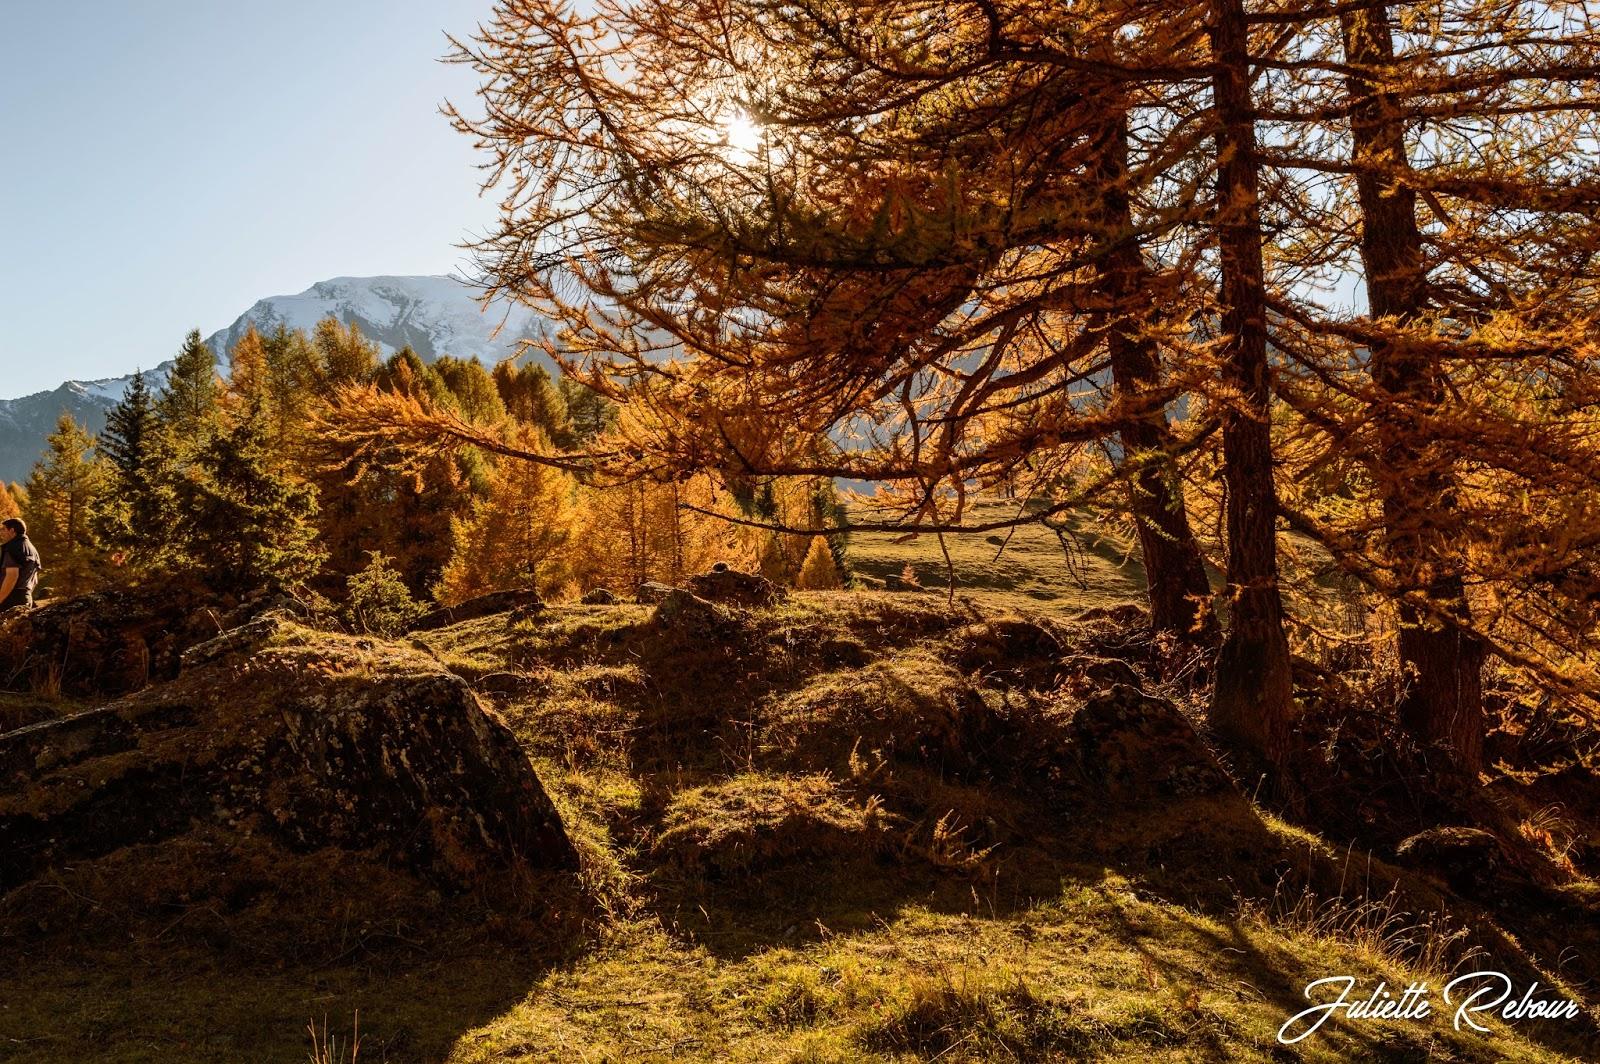 L'automne en Montagne, Savoie